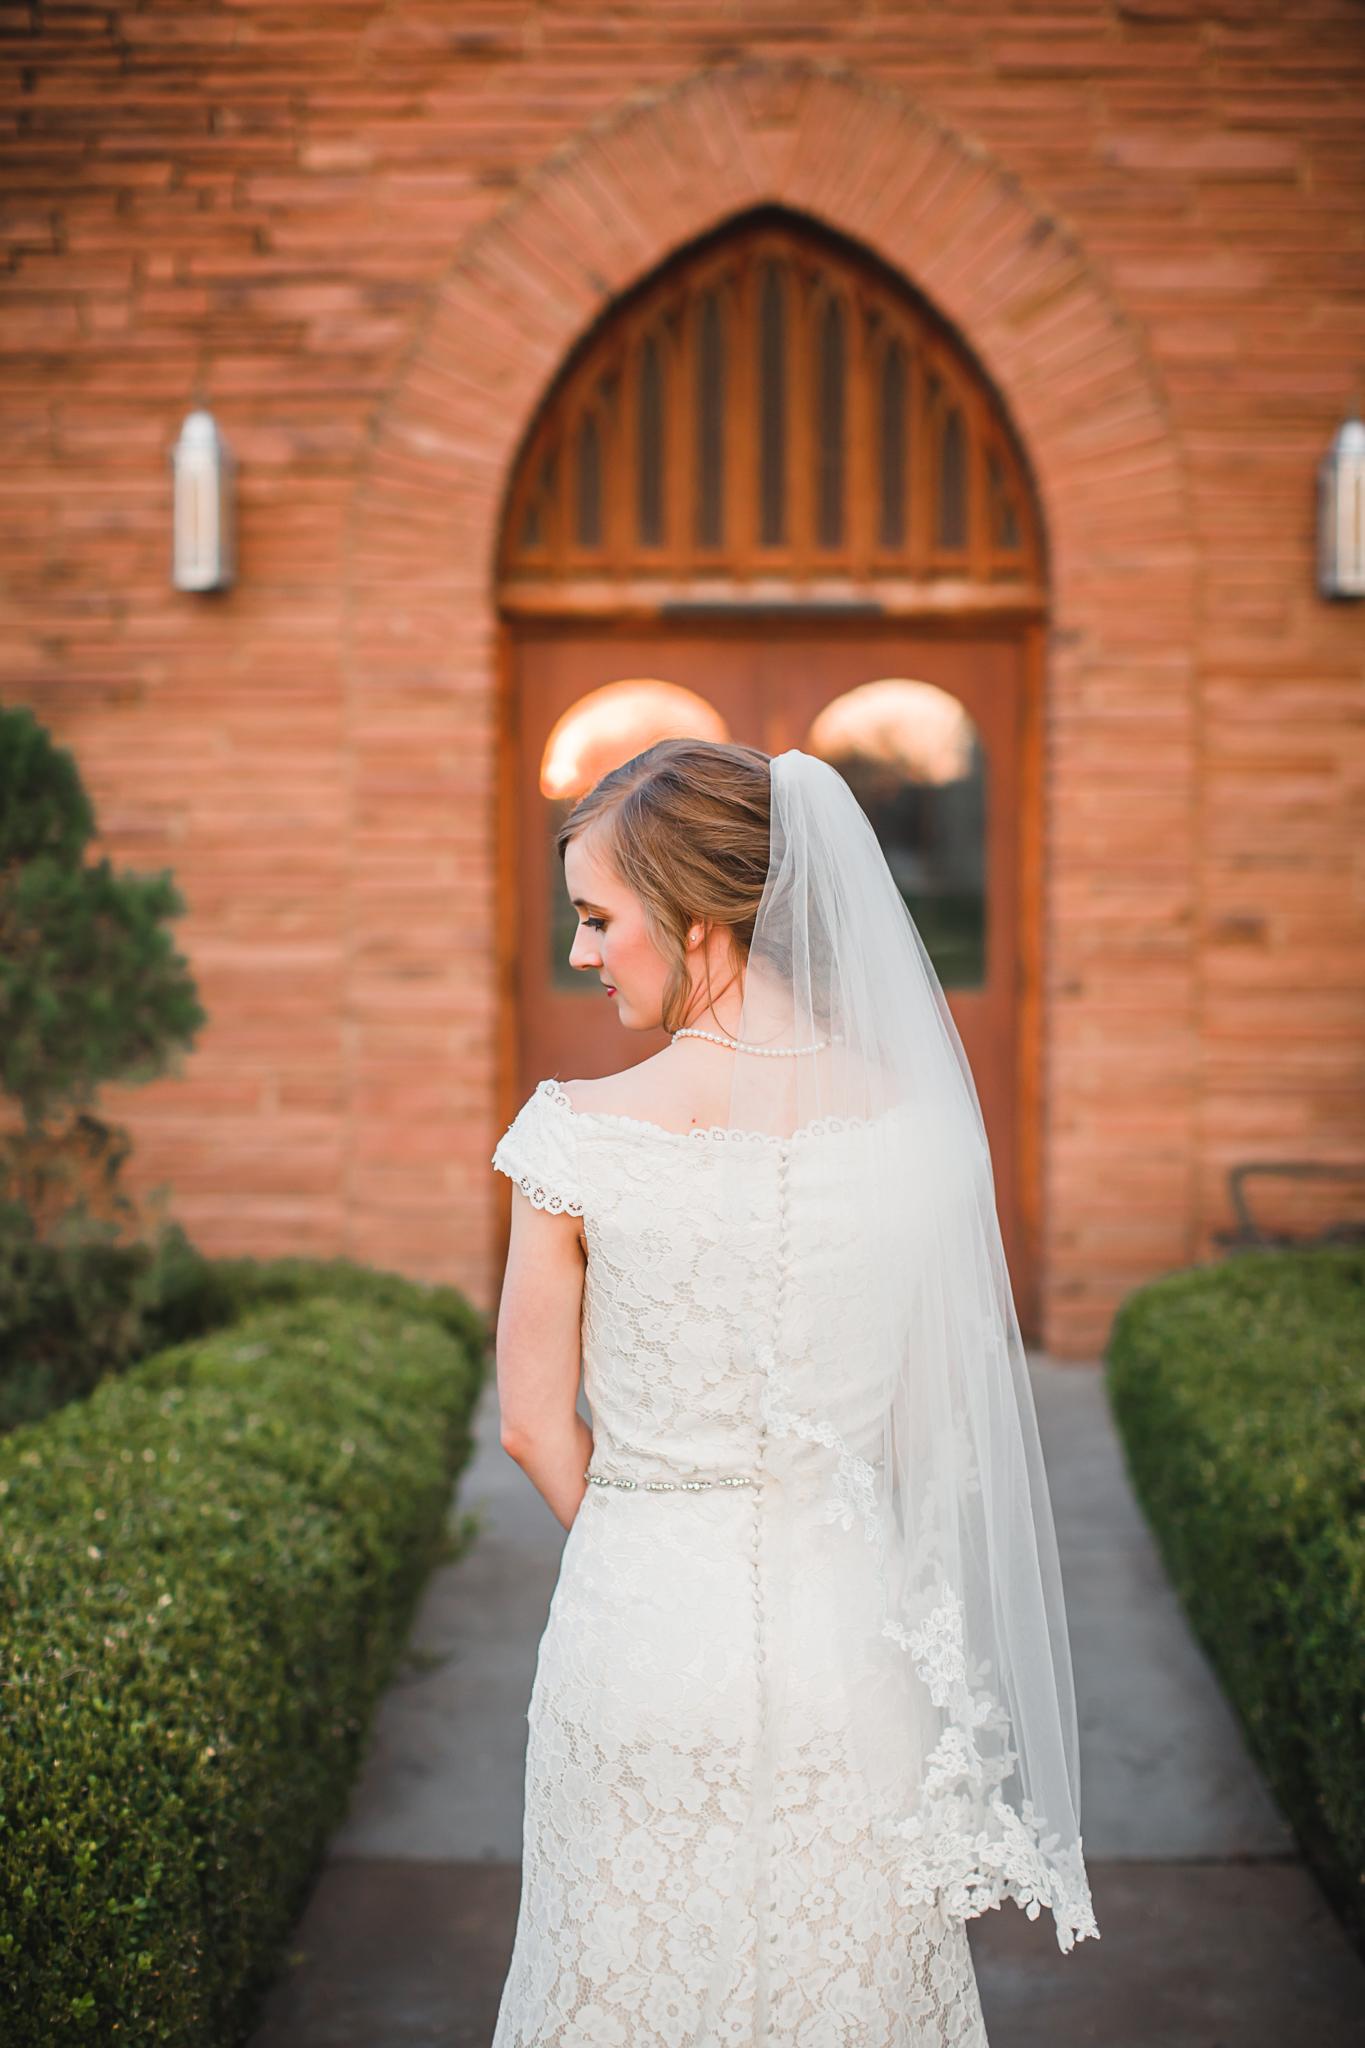 alyssa bridal blog-31.jpg